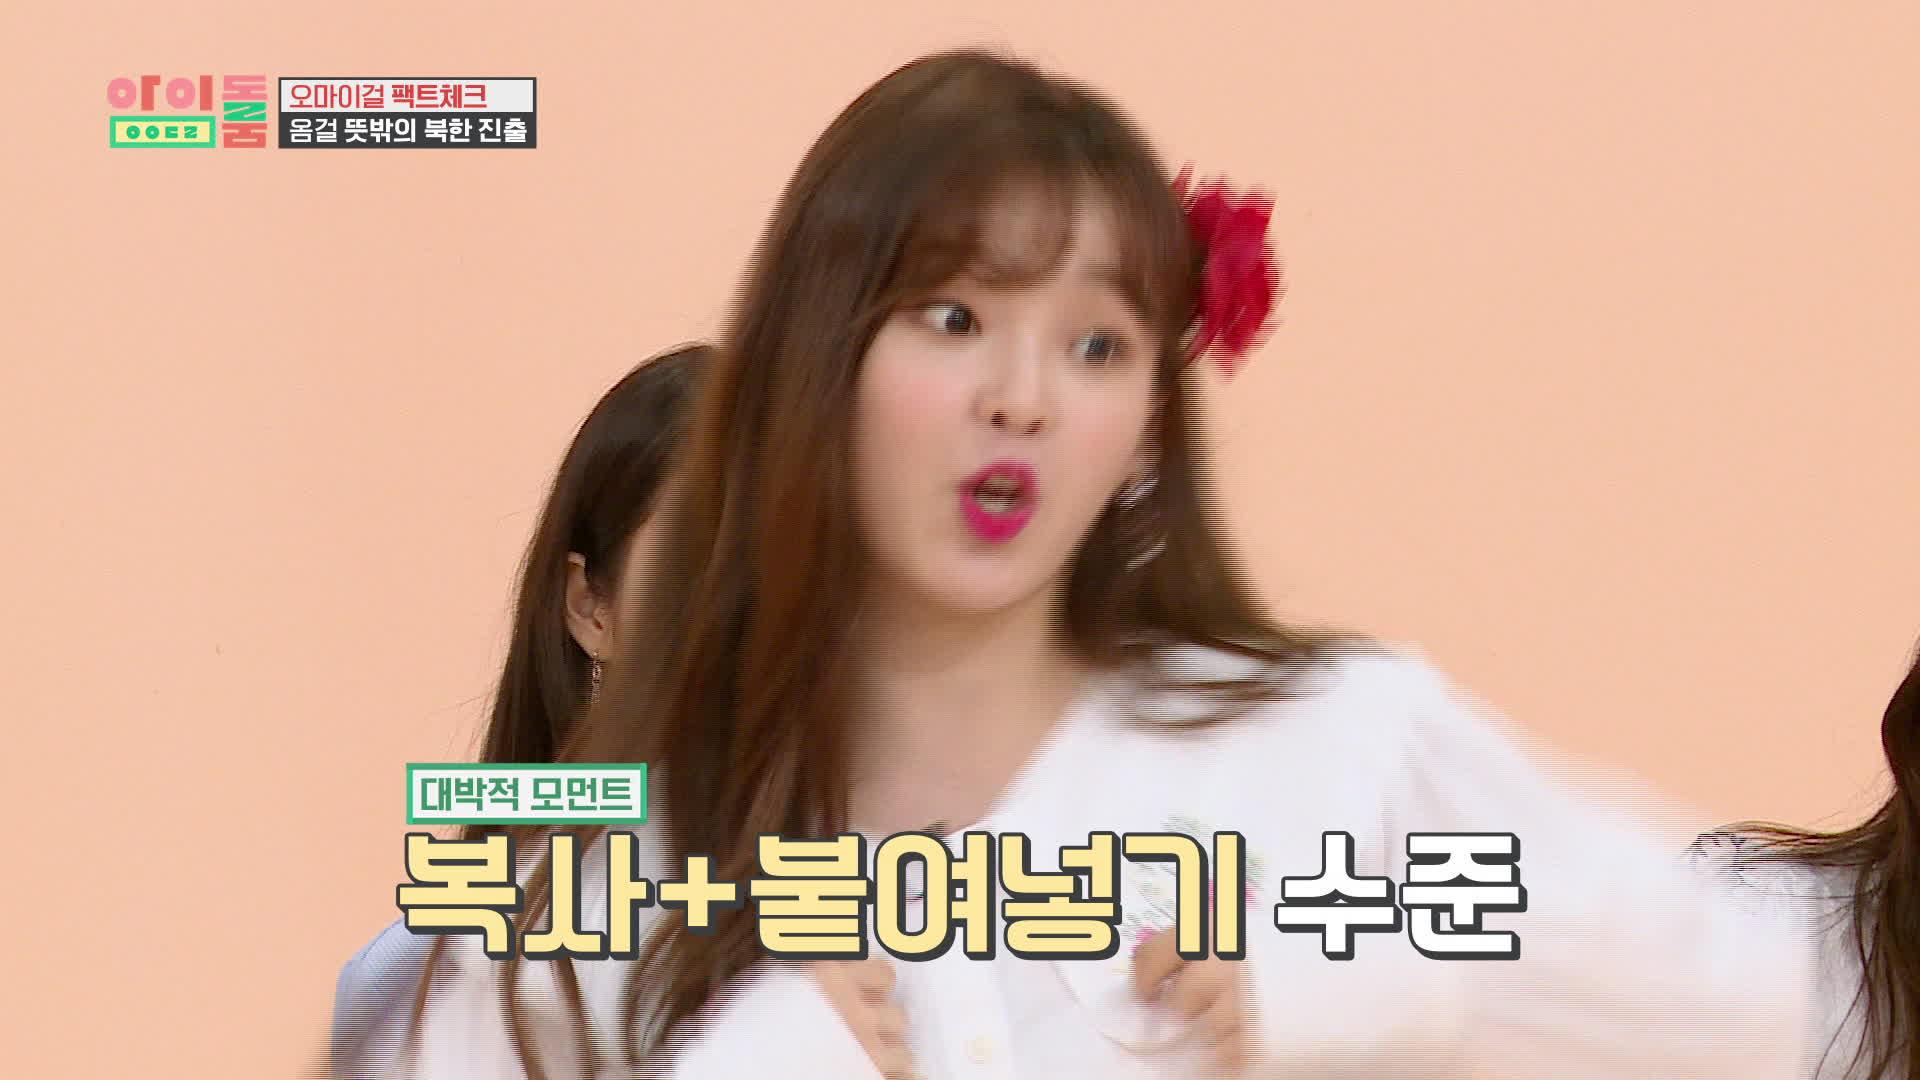 아이돌룸(IDOL ROOM) 19회 - 오마이걸, 뜻밖의 북한 강제 진출?!